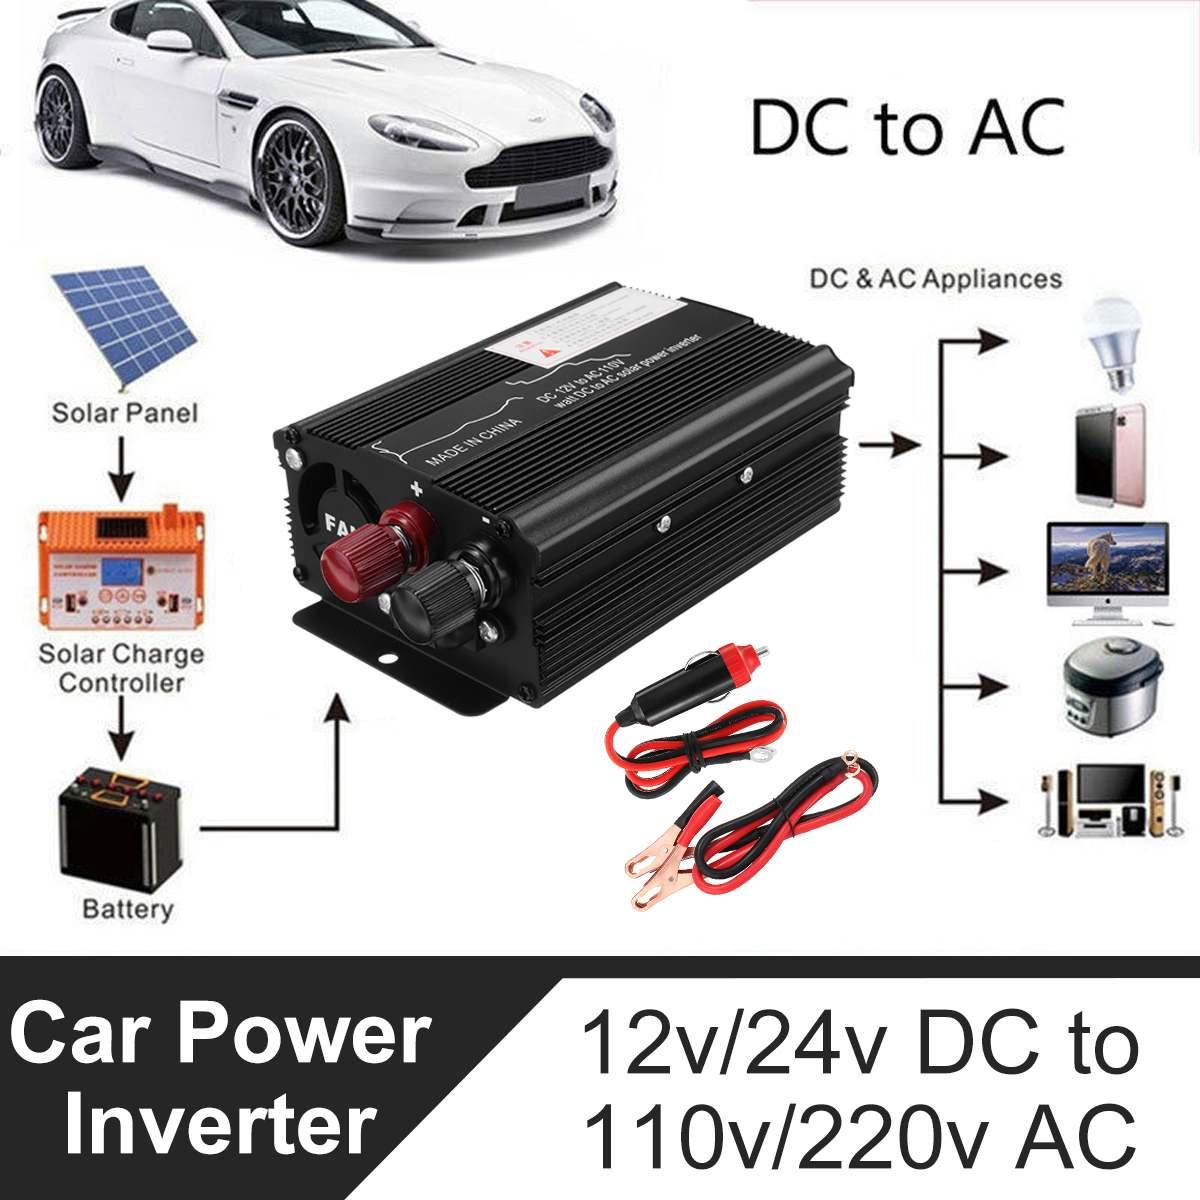 Inverter 12V 220V 3000W Spannung Konverter Transformator DC 12 V/24 V Zu AC 220V solar Power Inverter LCD Display Für Auto, lkw